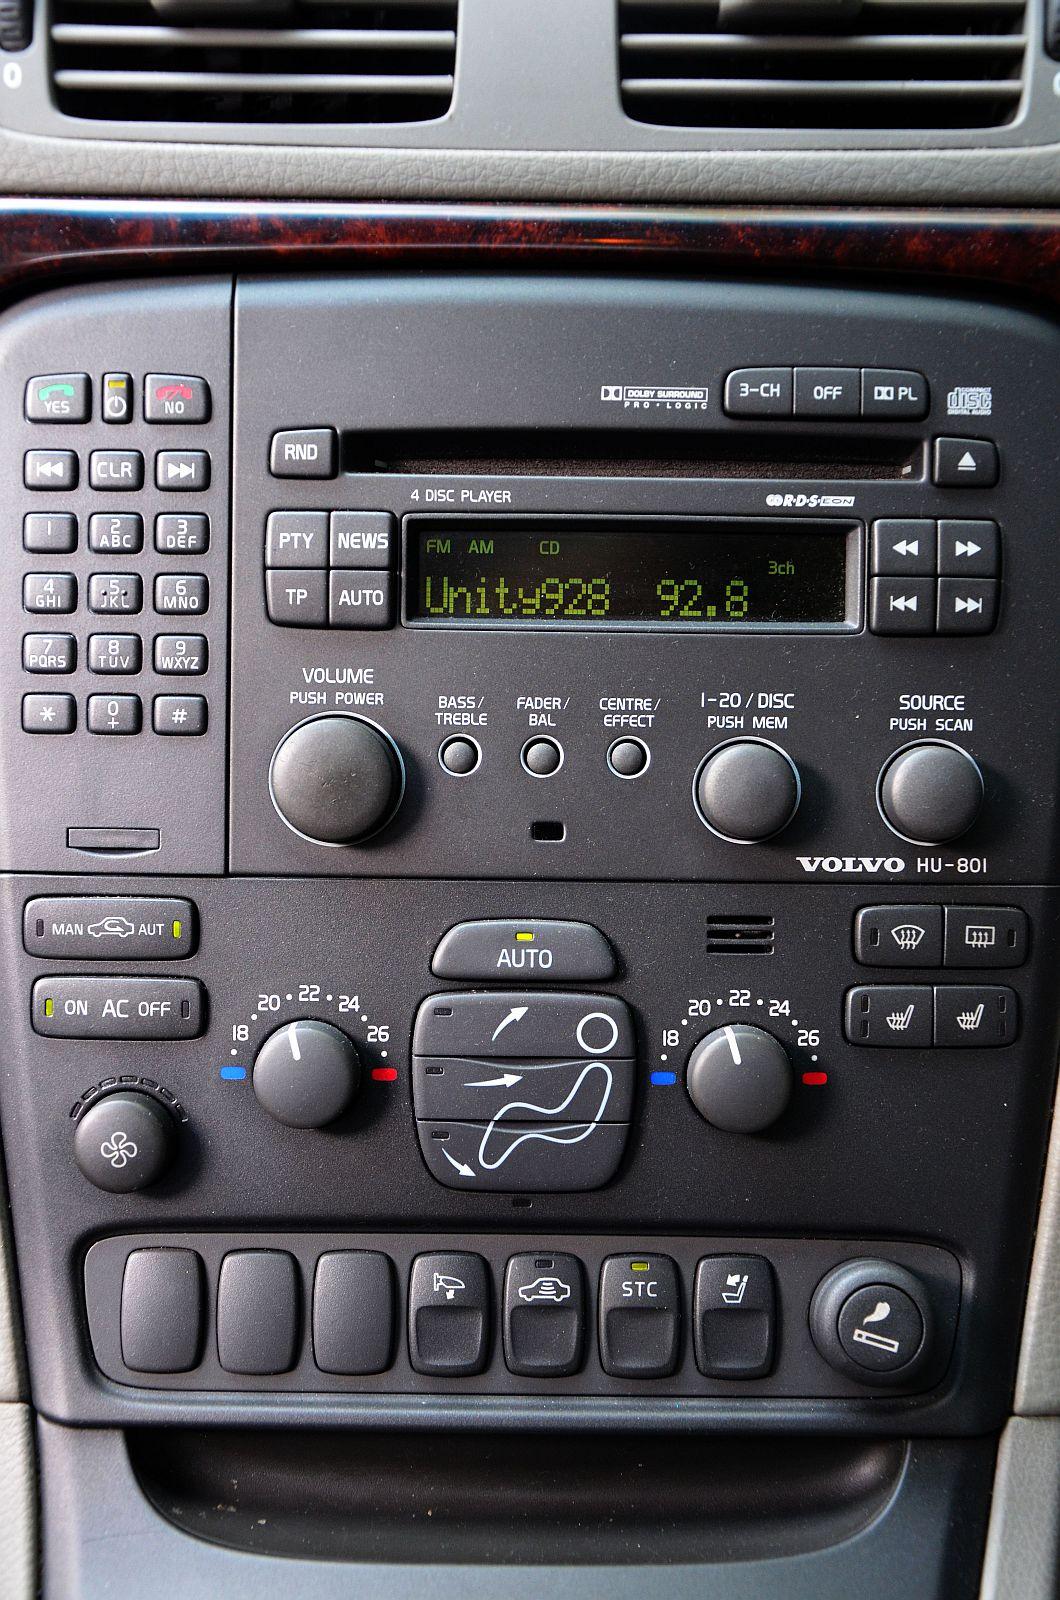 File:Volvo S80 2.4T 2002 Blue, centre console..jpg - Wikimedia Commons